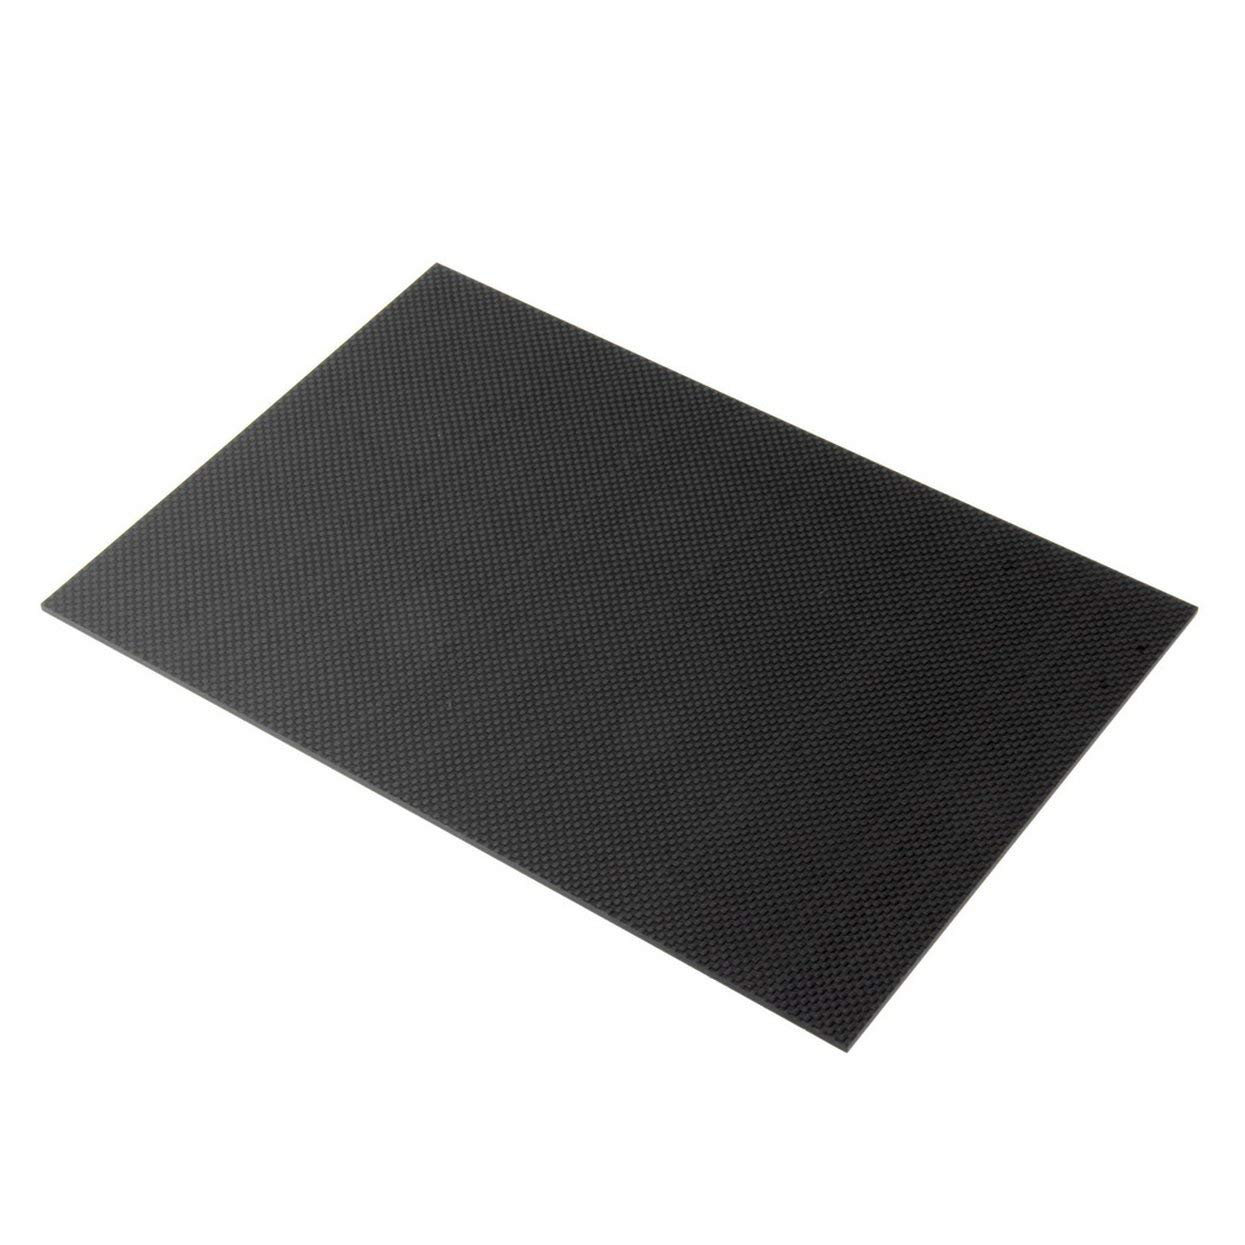 LoveOlvidoF Plaque Noire 100% de Fibre de Carbone à la Maison 200 * 300 * 3mm avec Les Deux côtés